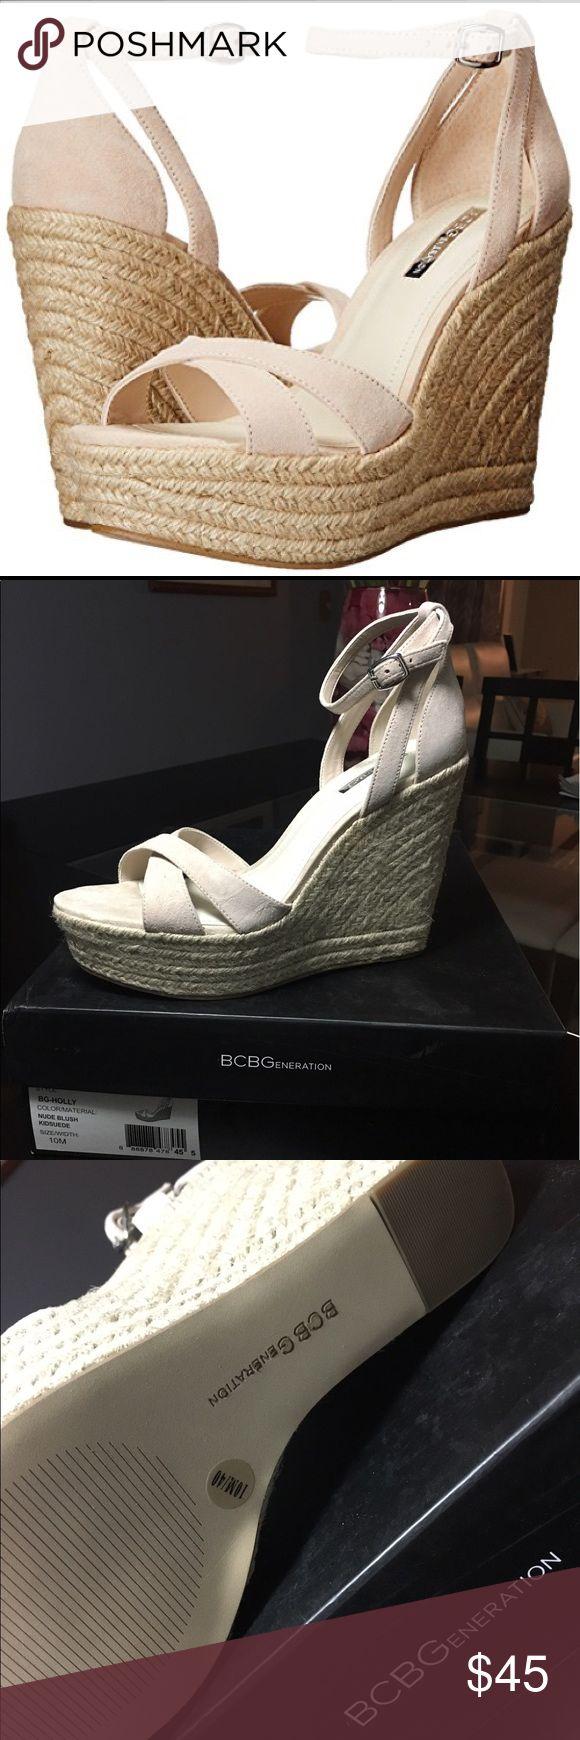 Spotted while shopping on Poshmark: BCBG BCBGeneration Holly Nude Blush Size 10 Wedges! #poshmark #fashion #shopping #style #BCBGeneration #Shoes